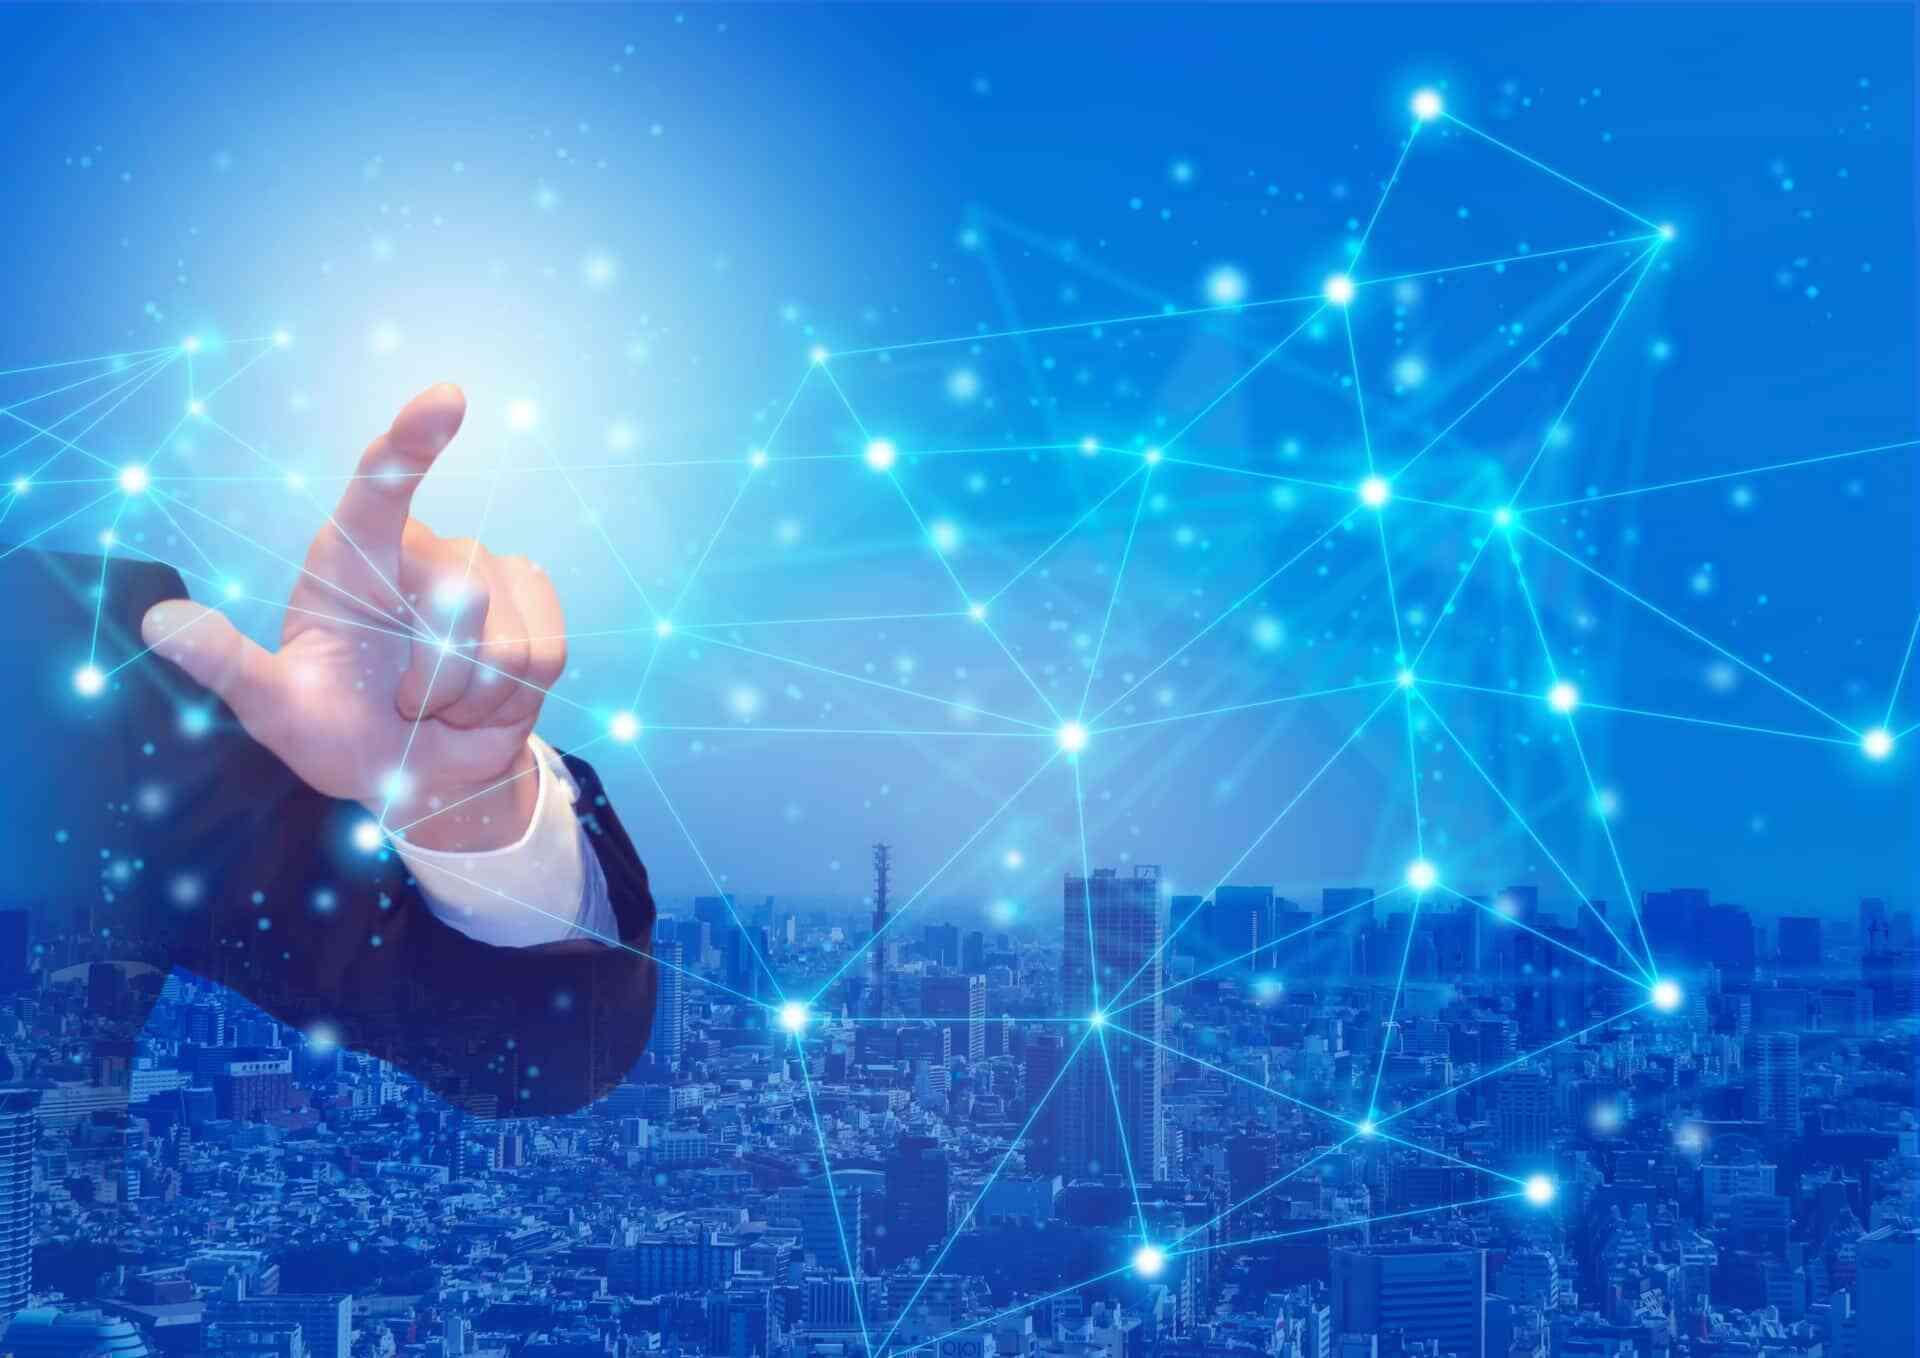 IT業界がビジネスに与える影響-技術の活用事例も解説-